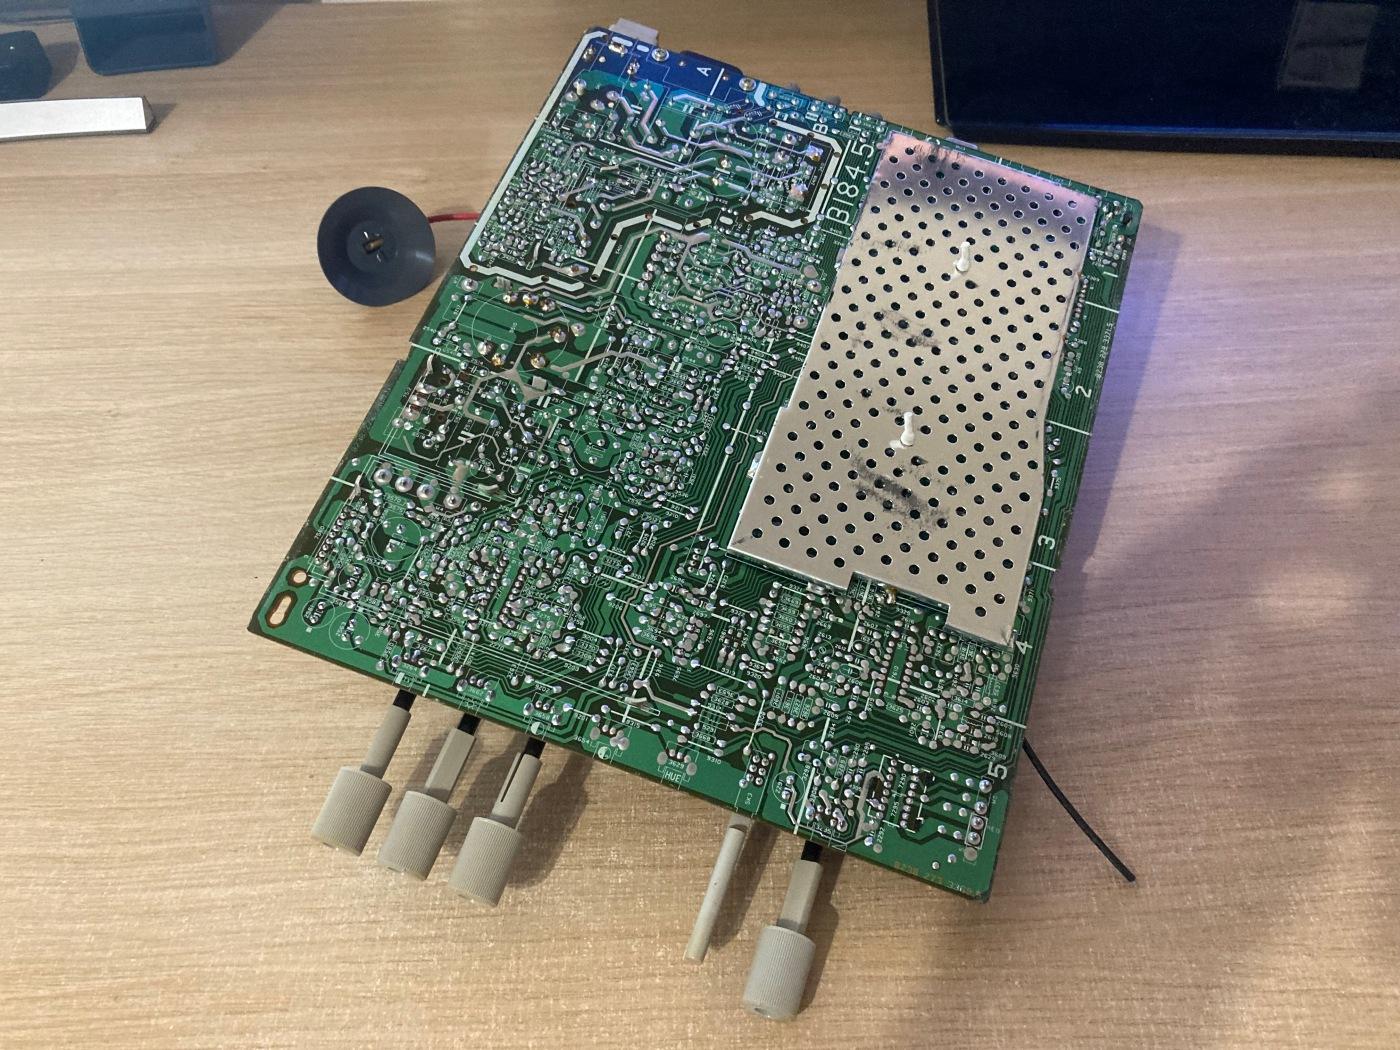 Reparando un monitor CRT